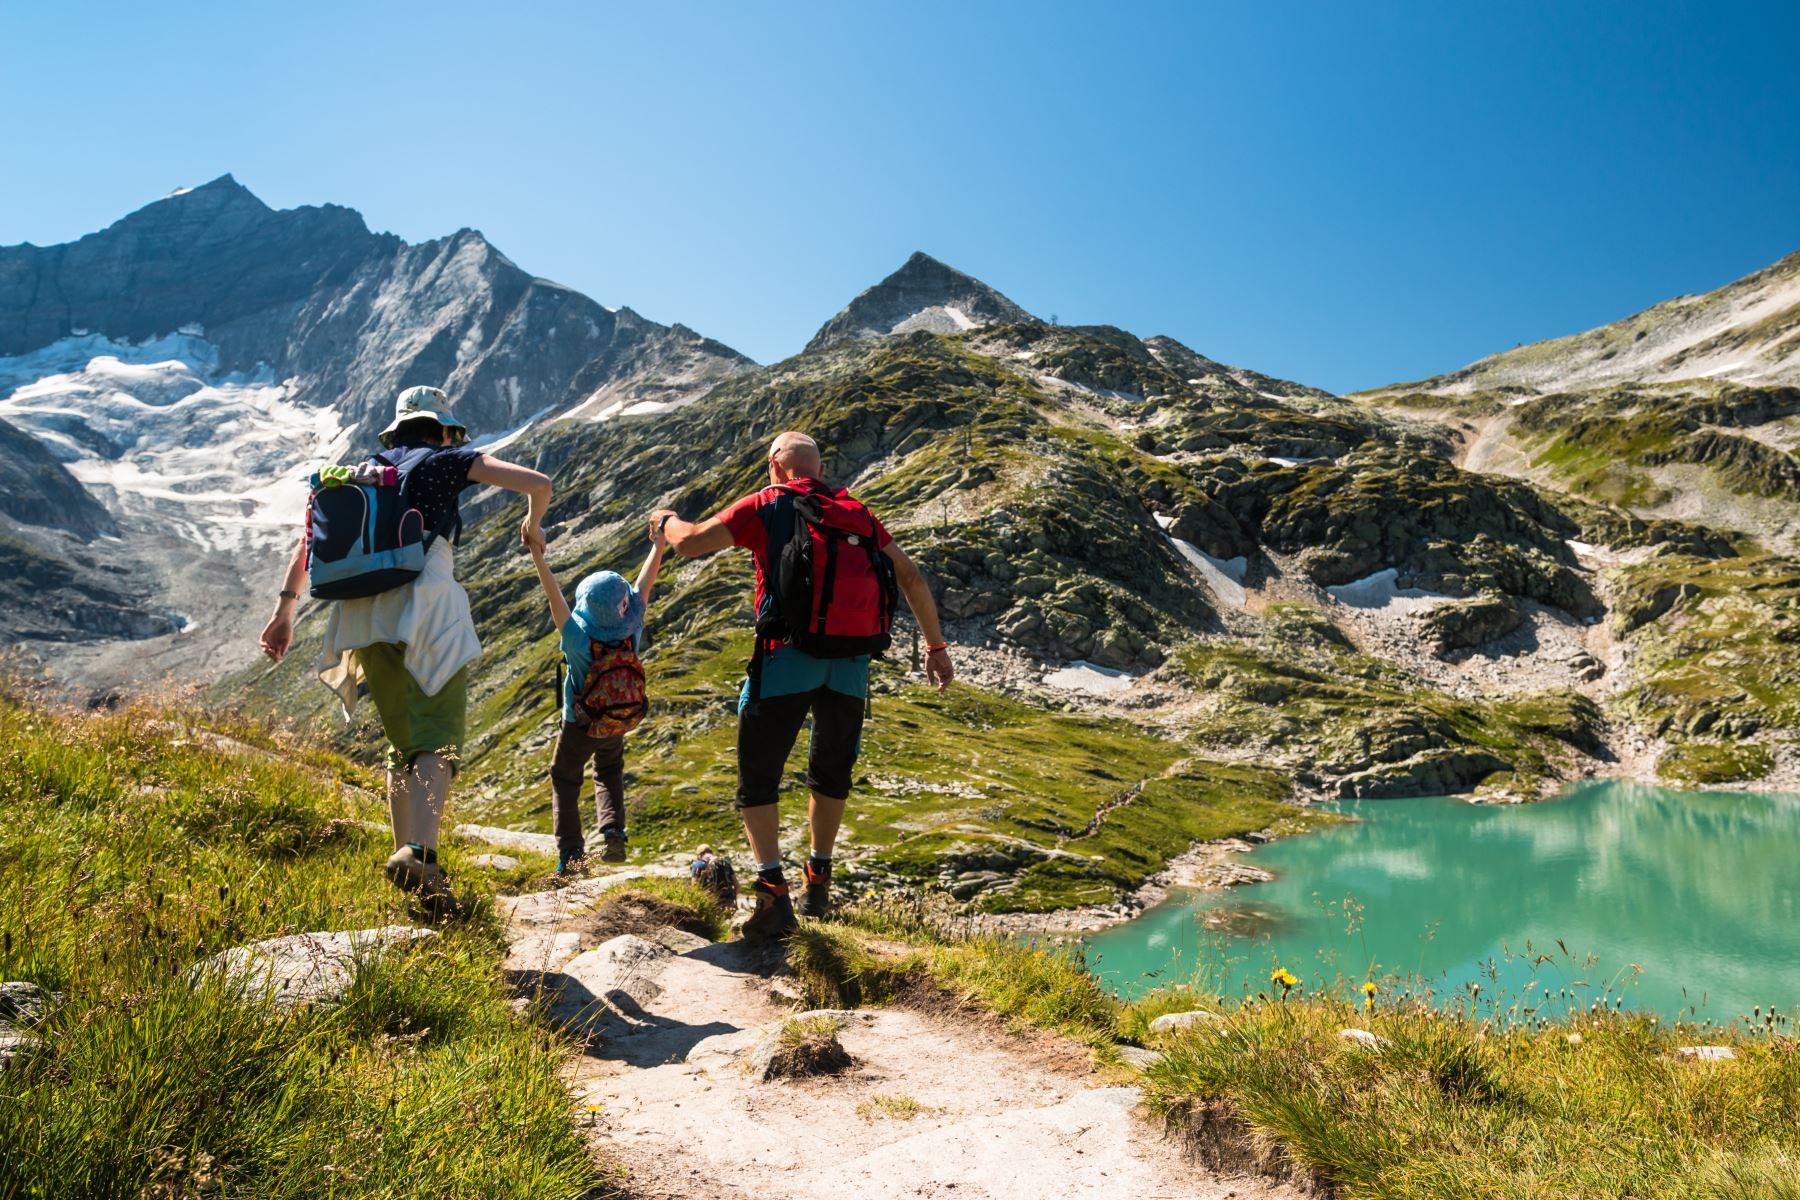 outdoor paradise activities in breckenridge colorado